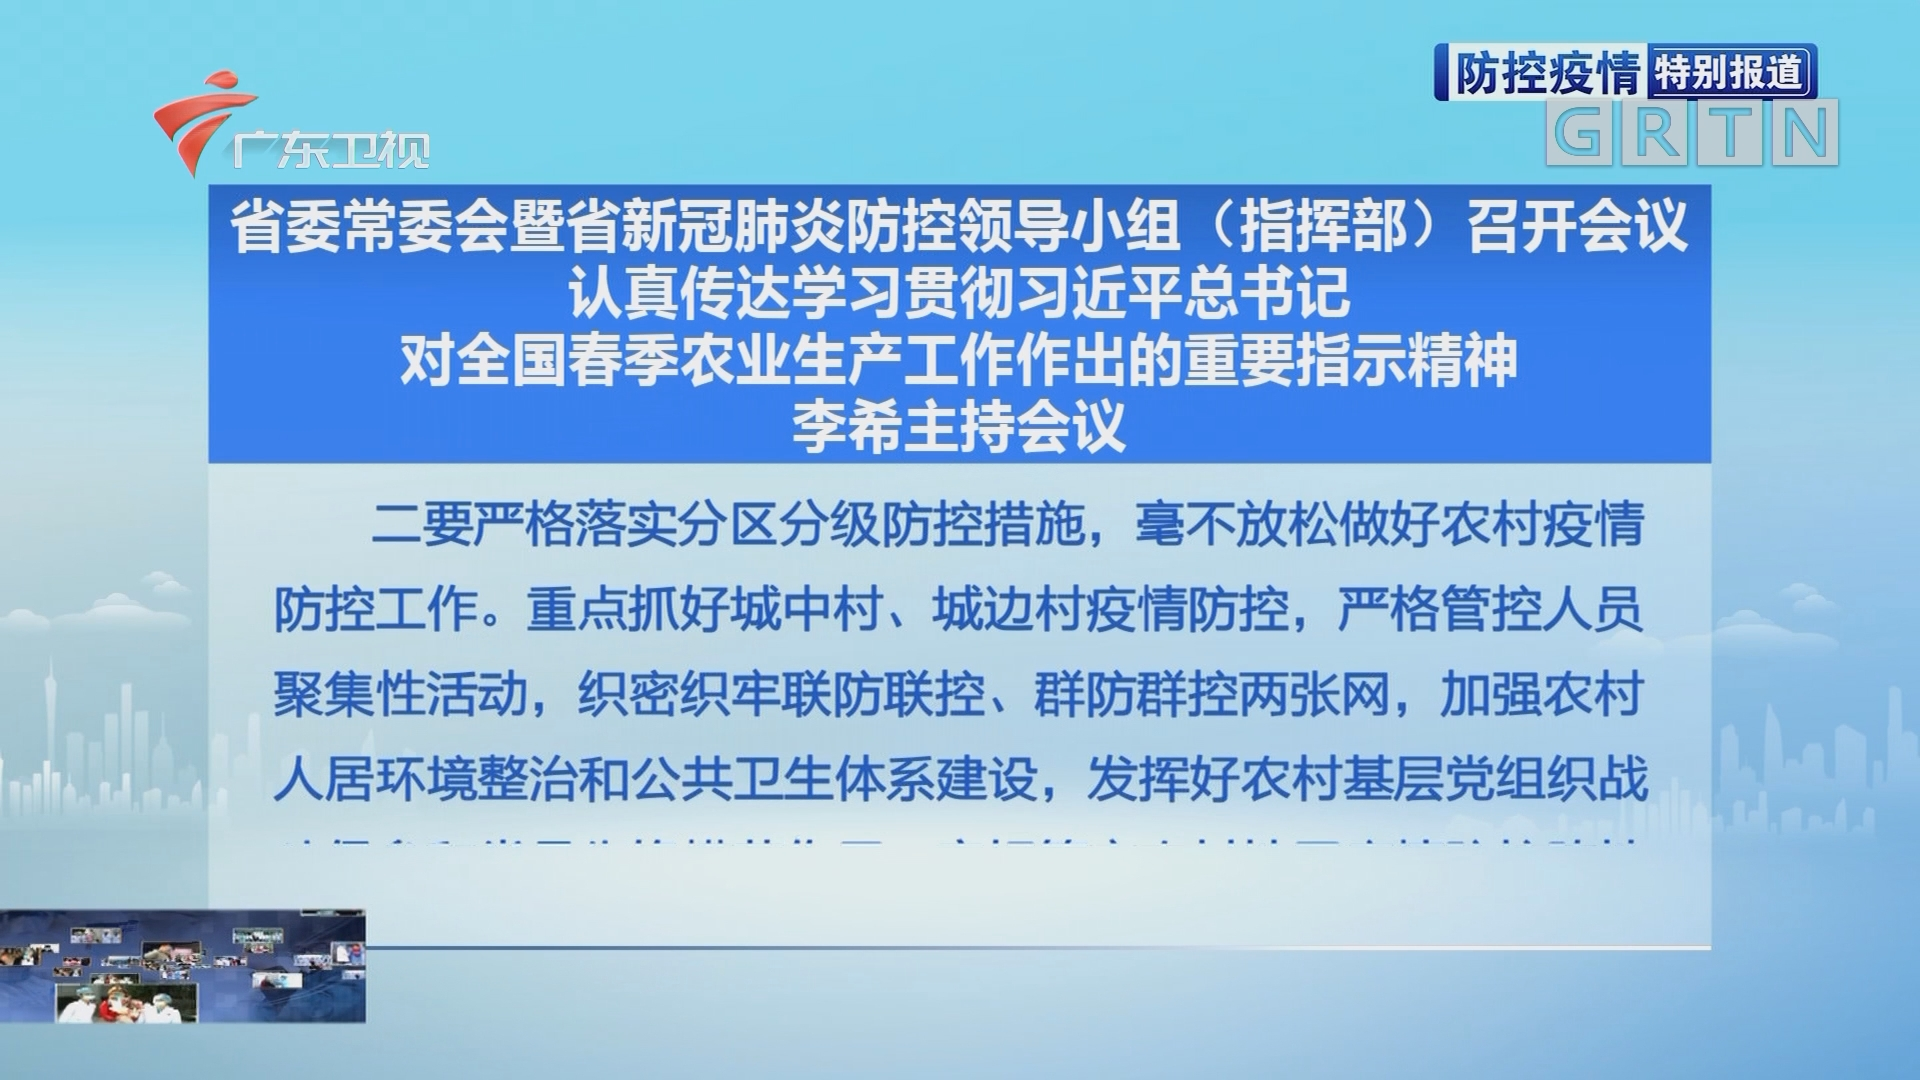 省委常委会暨省新冠肺炎防控领导小组(指挥部)召开会议